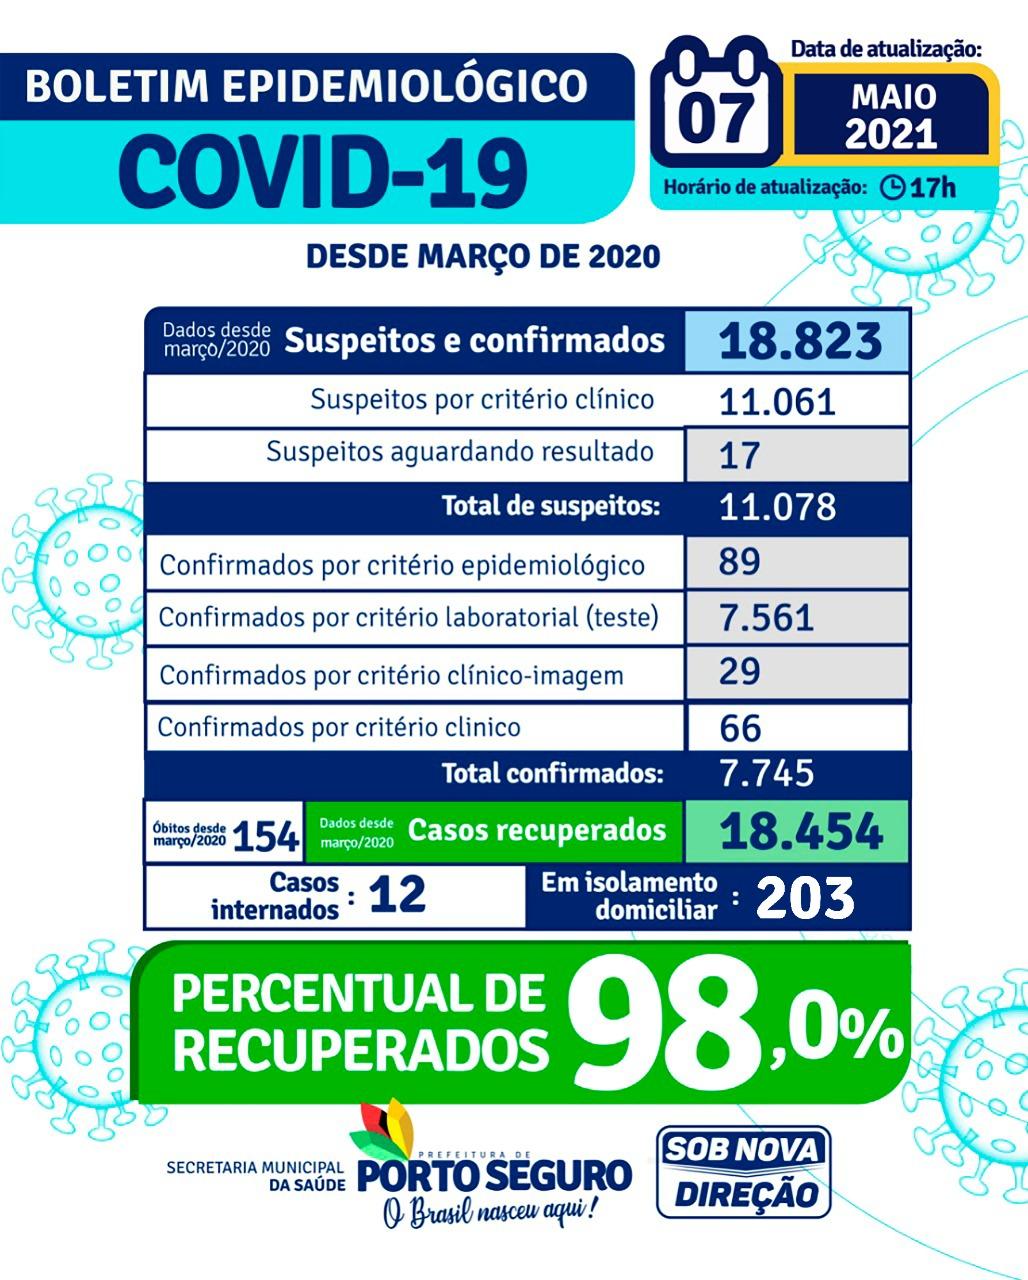 PORTO SEGURO: Boletim Coronavírus 07/05/2021 24